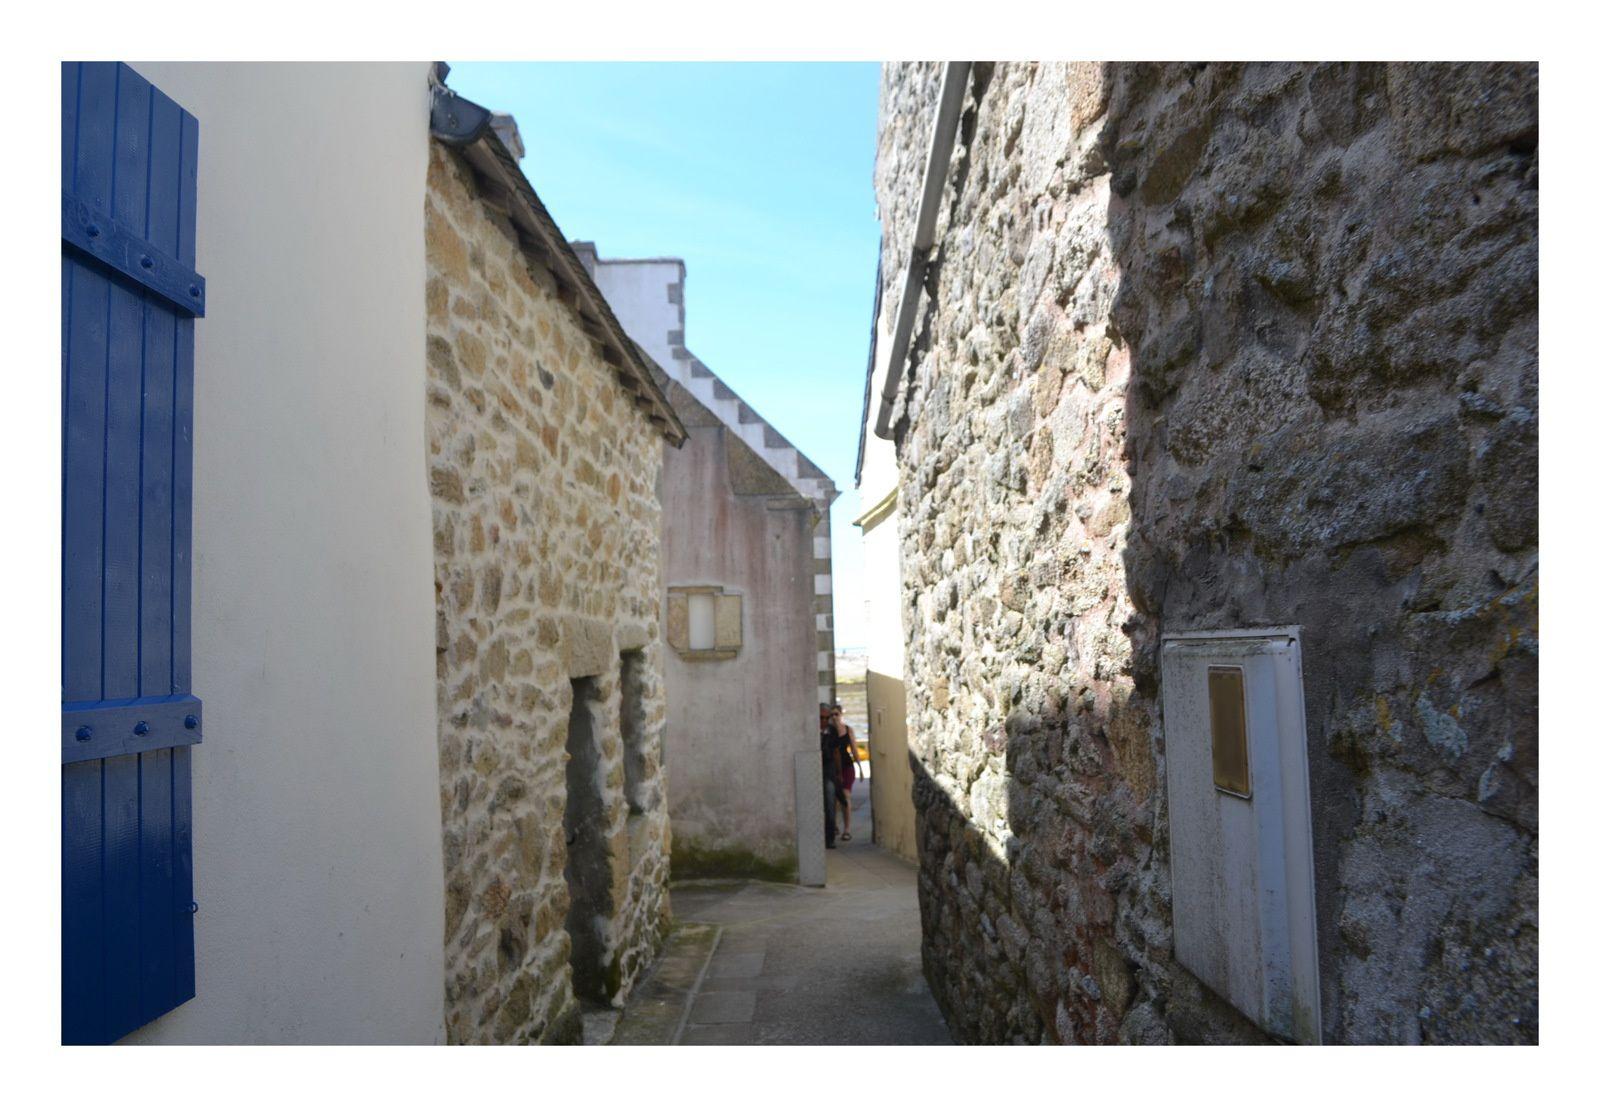 Région à visiter - La Bretagne est magnifique